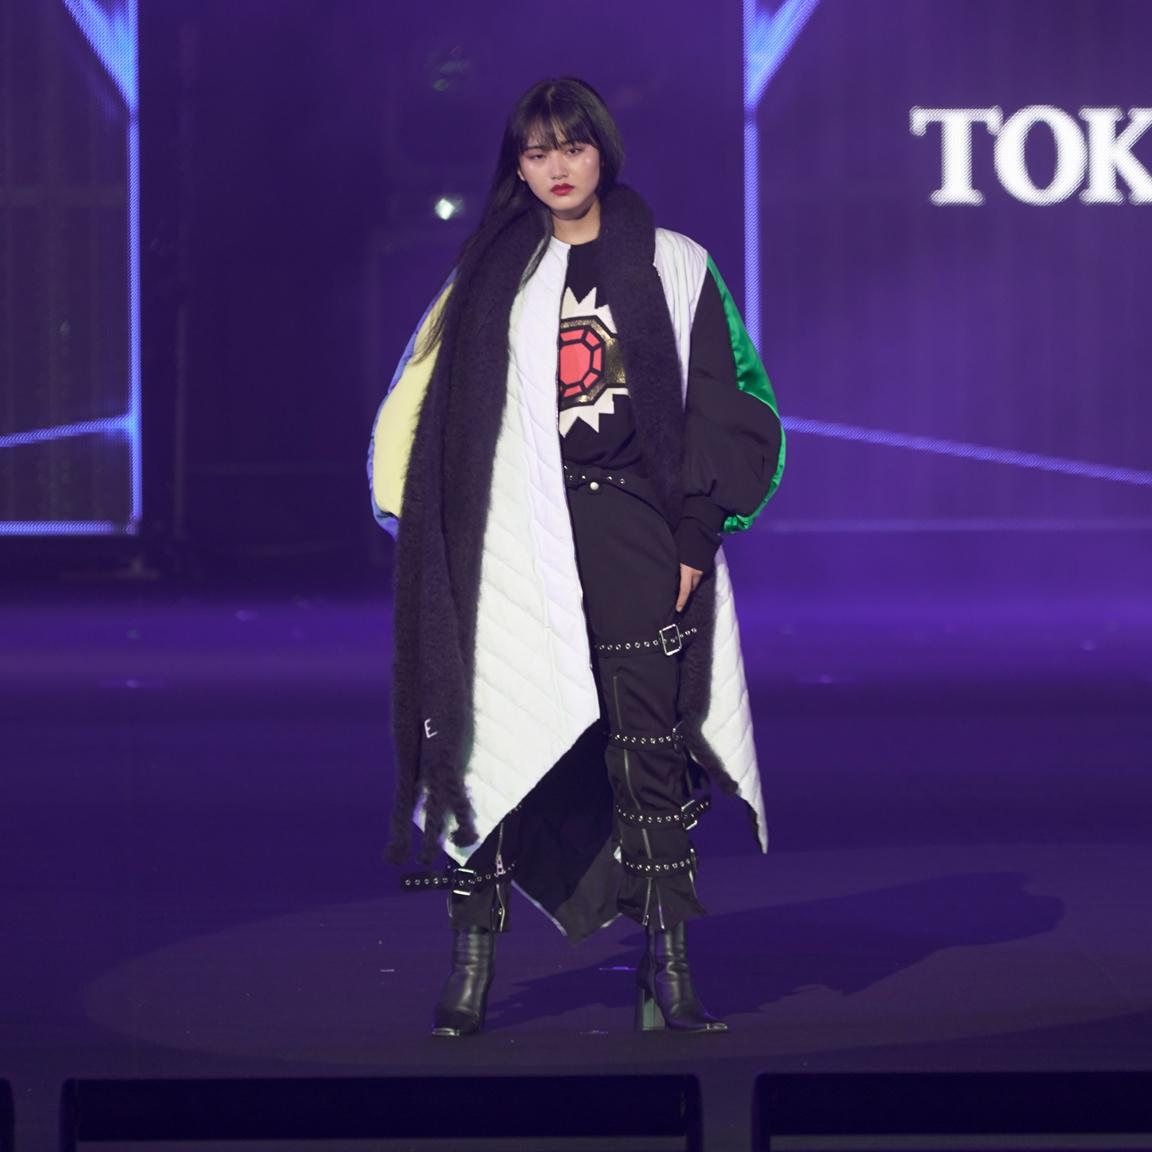 山崎天(櫻坂46)・TGC 東京ガールズコレクション 2021 AUTUMN/WINTER